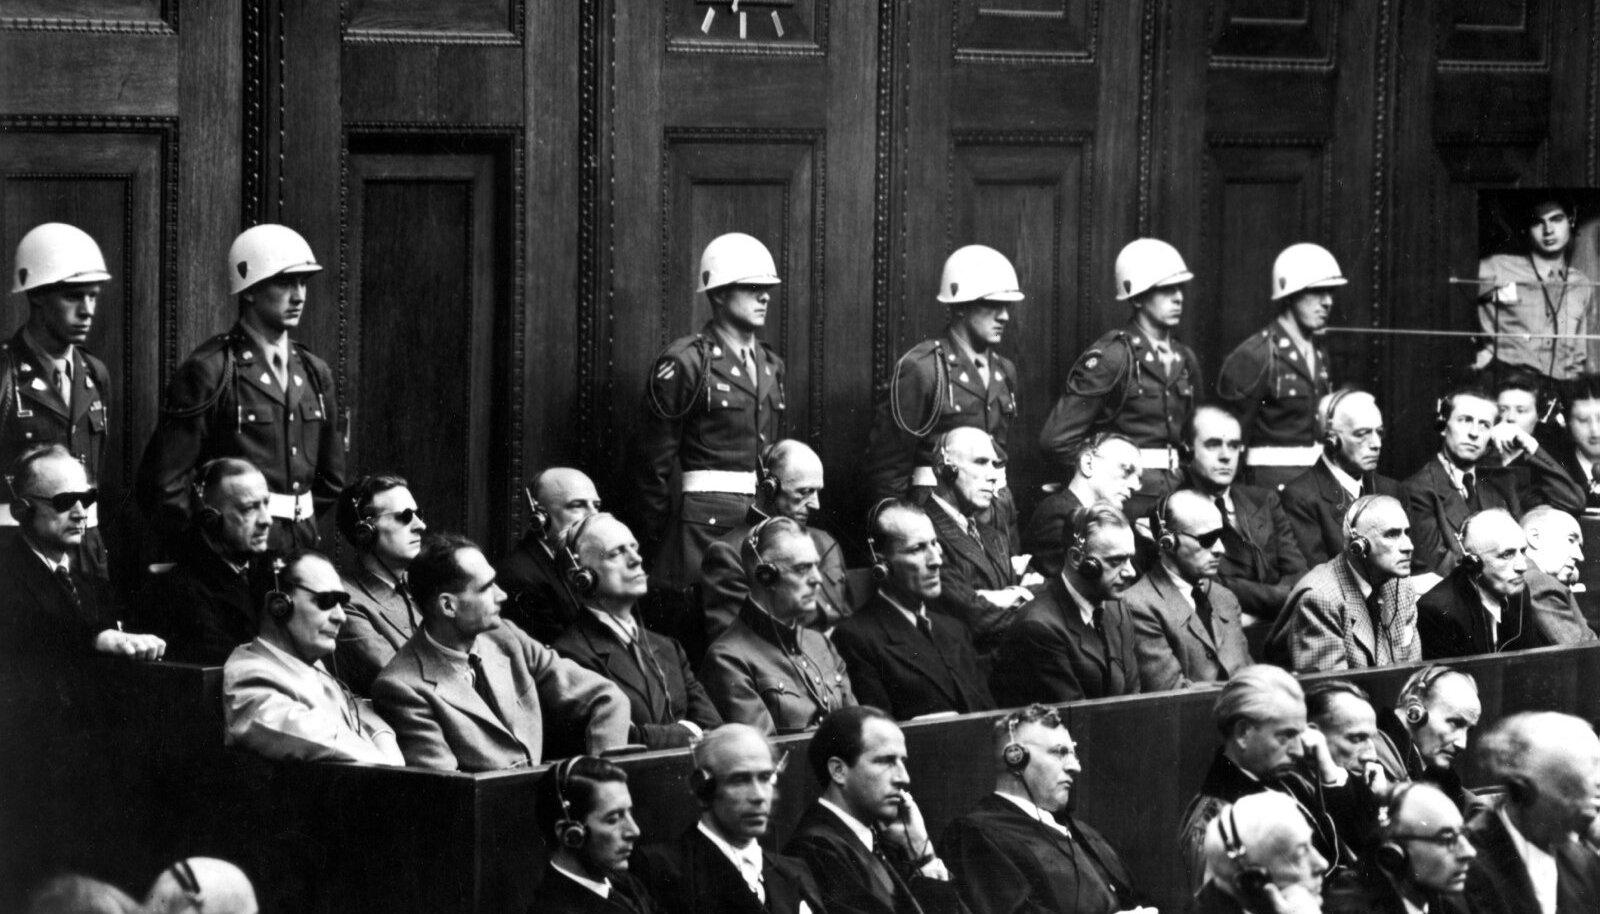 TIPPNATSIDE LÕPPJAAM: Nürnbergi protsess, süüpingi esimeses reas vasakult kuues Alfred Rosenberg.